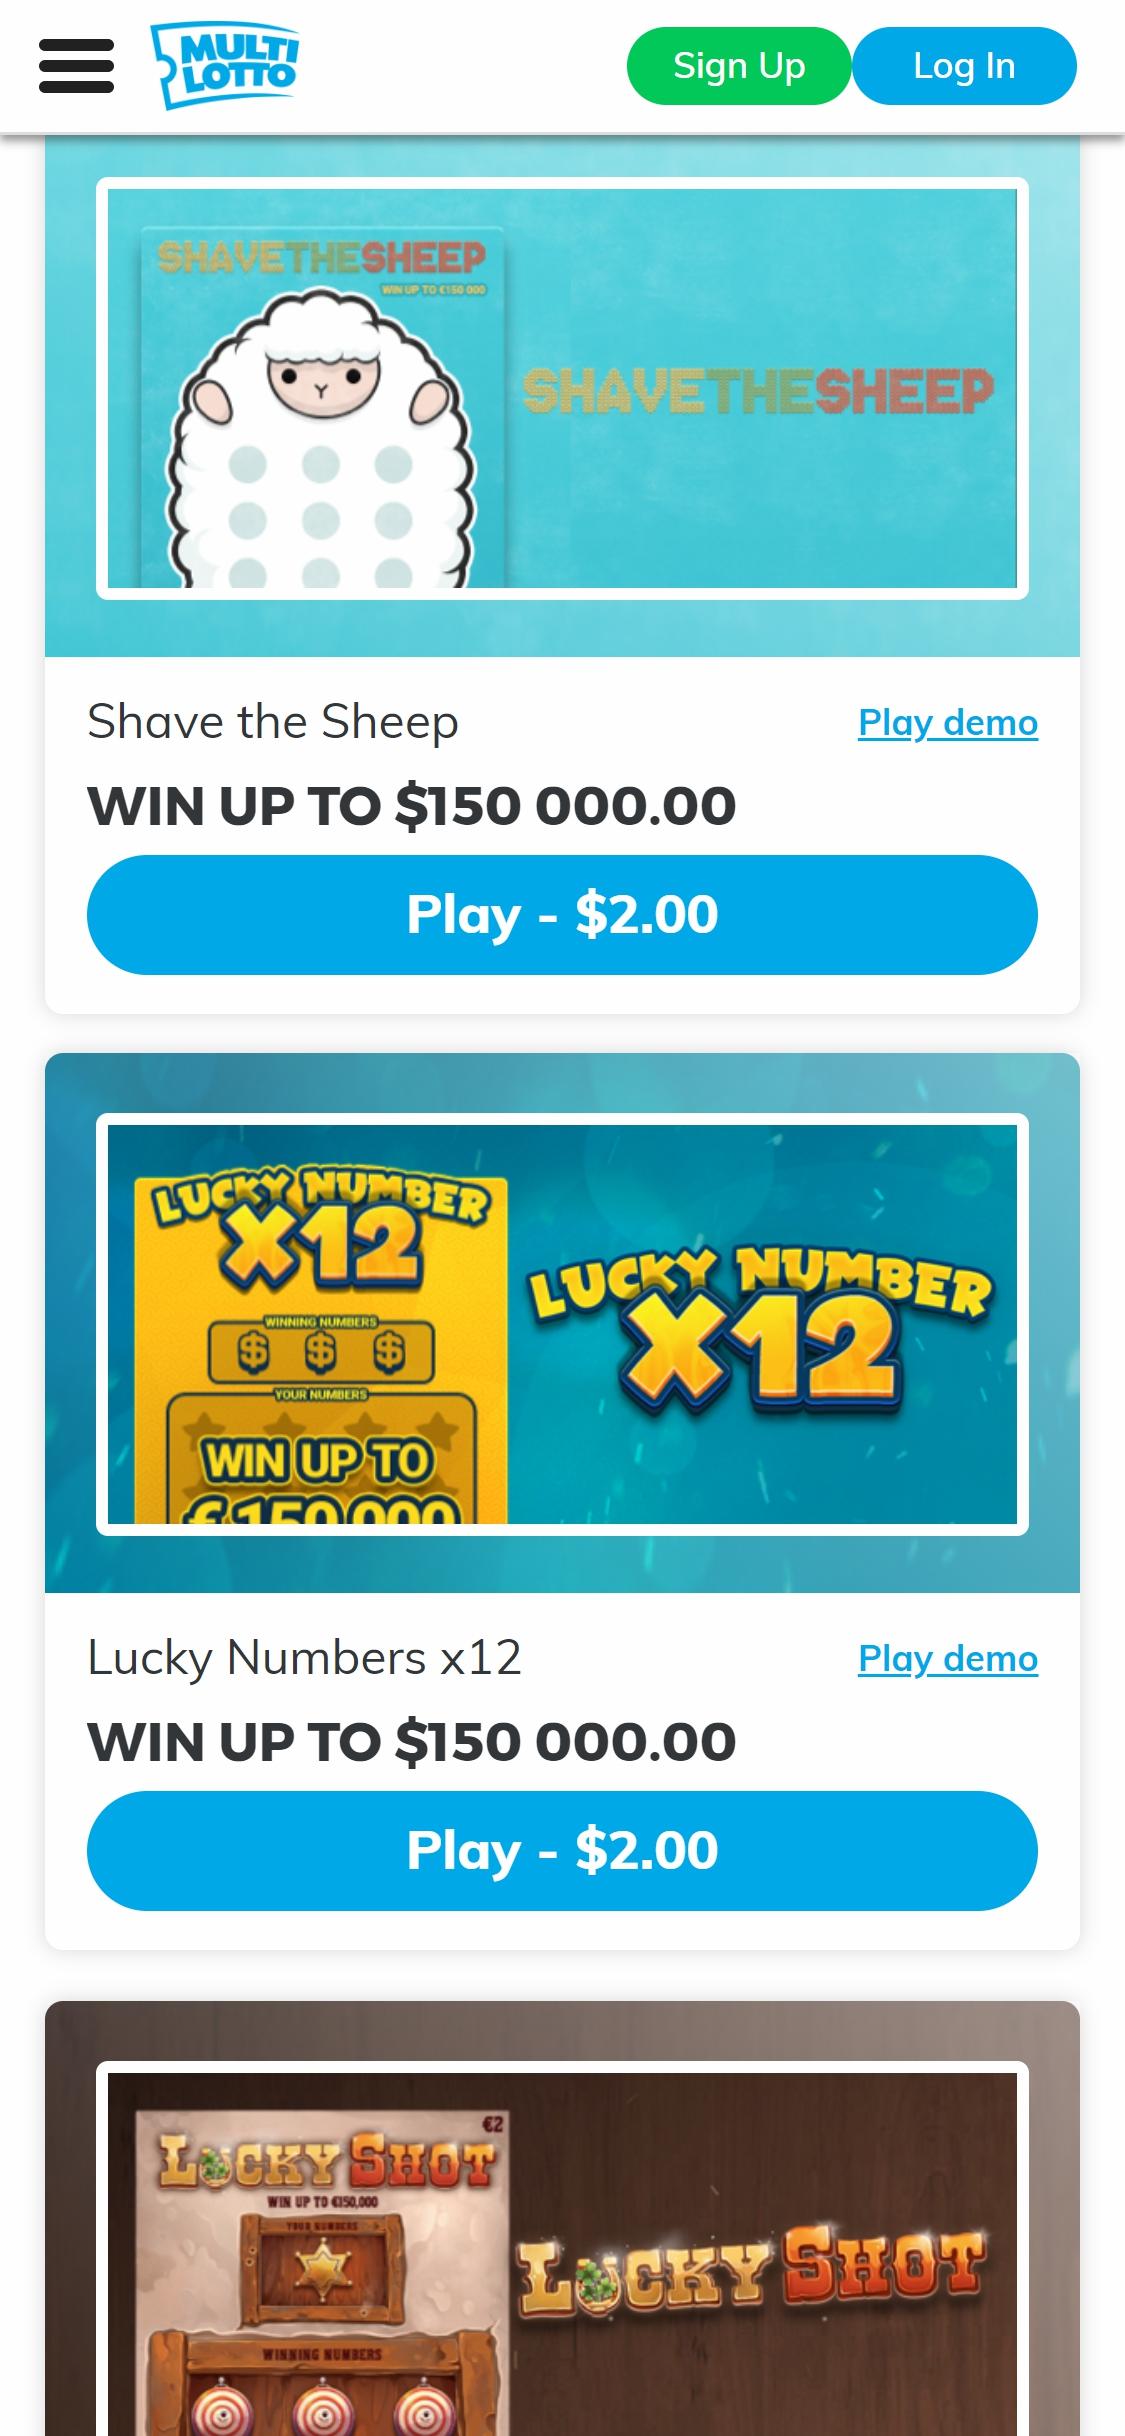 Multi lotto casino 28613